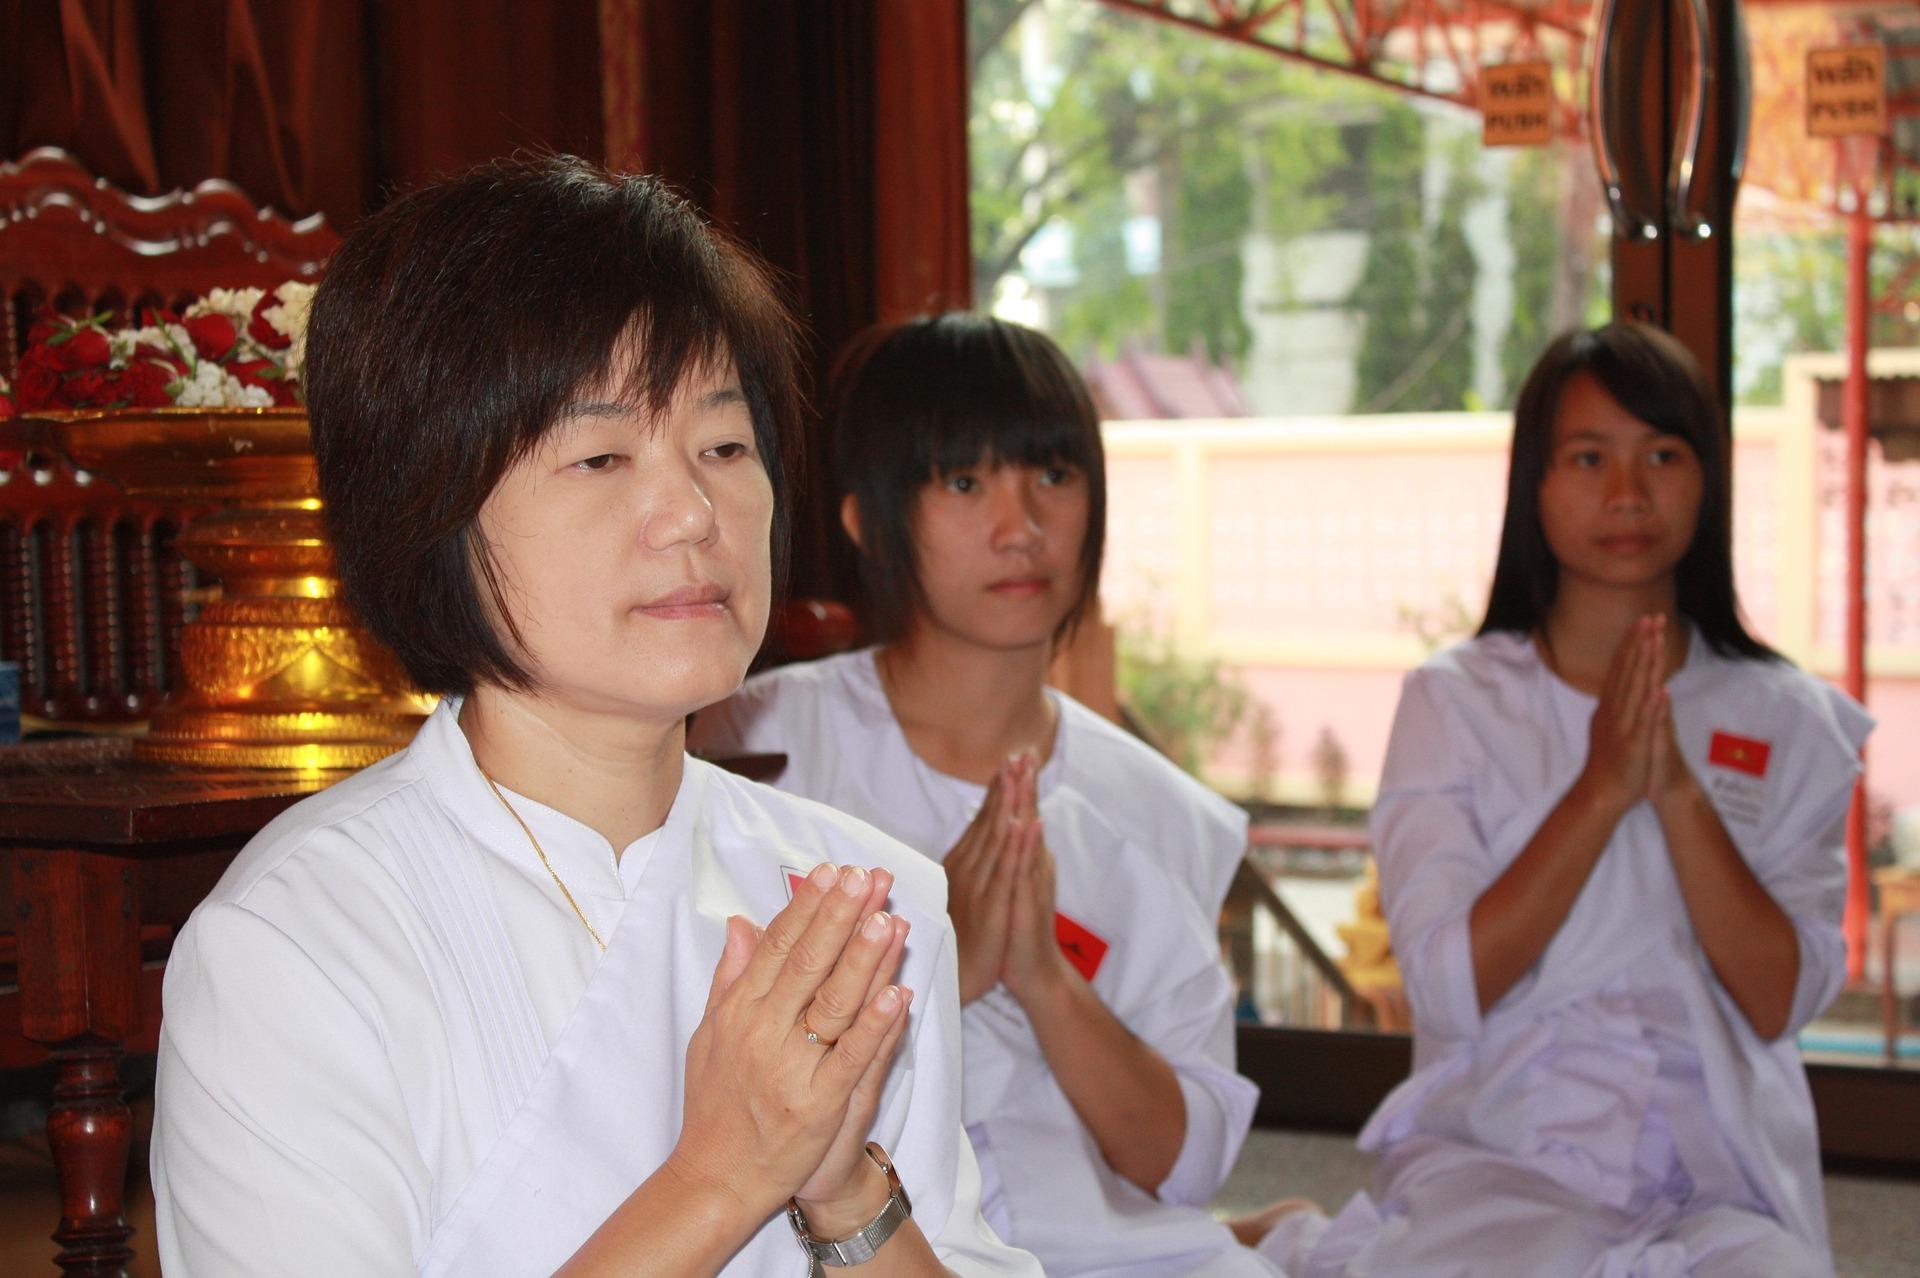 Los ritos religiosos y la escuela sagrada de China